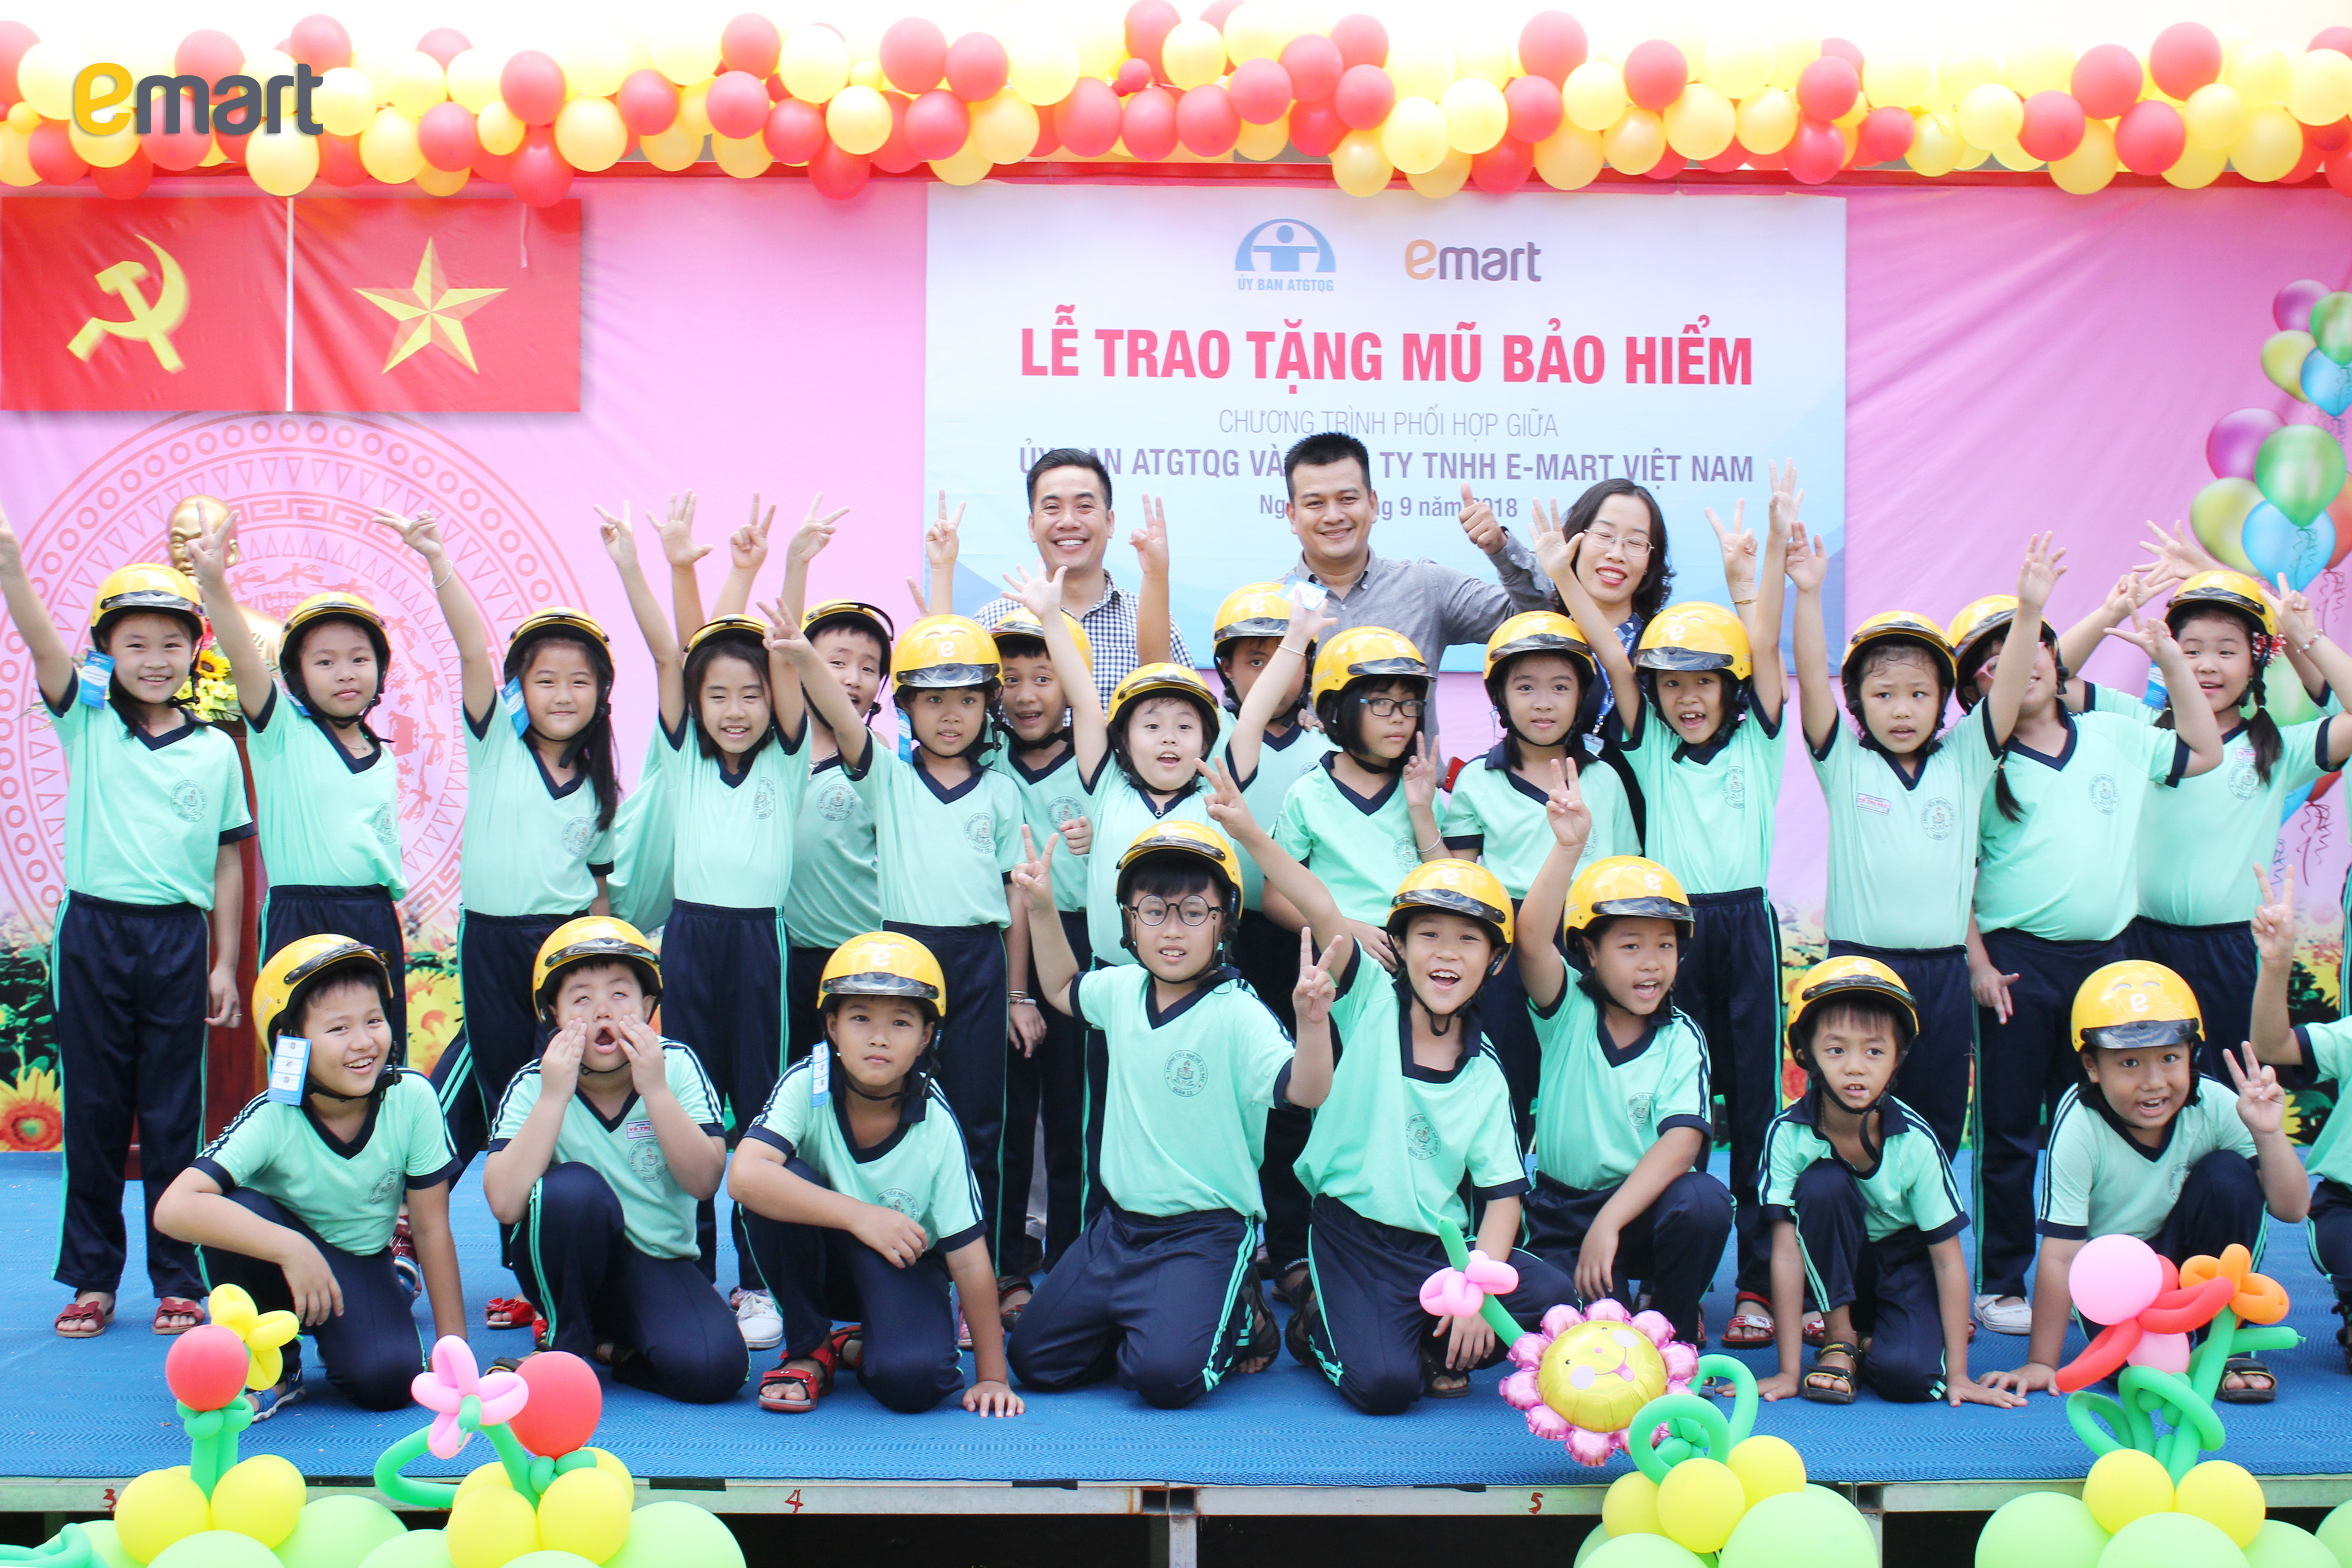 Niềm vui khi nhận nón của các em học sinh trường Võ Thị Sáu